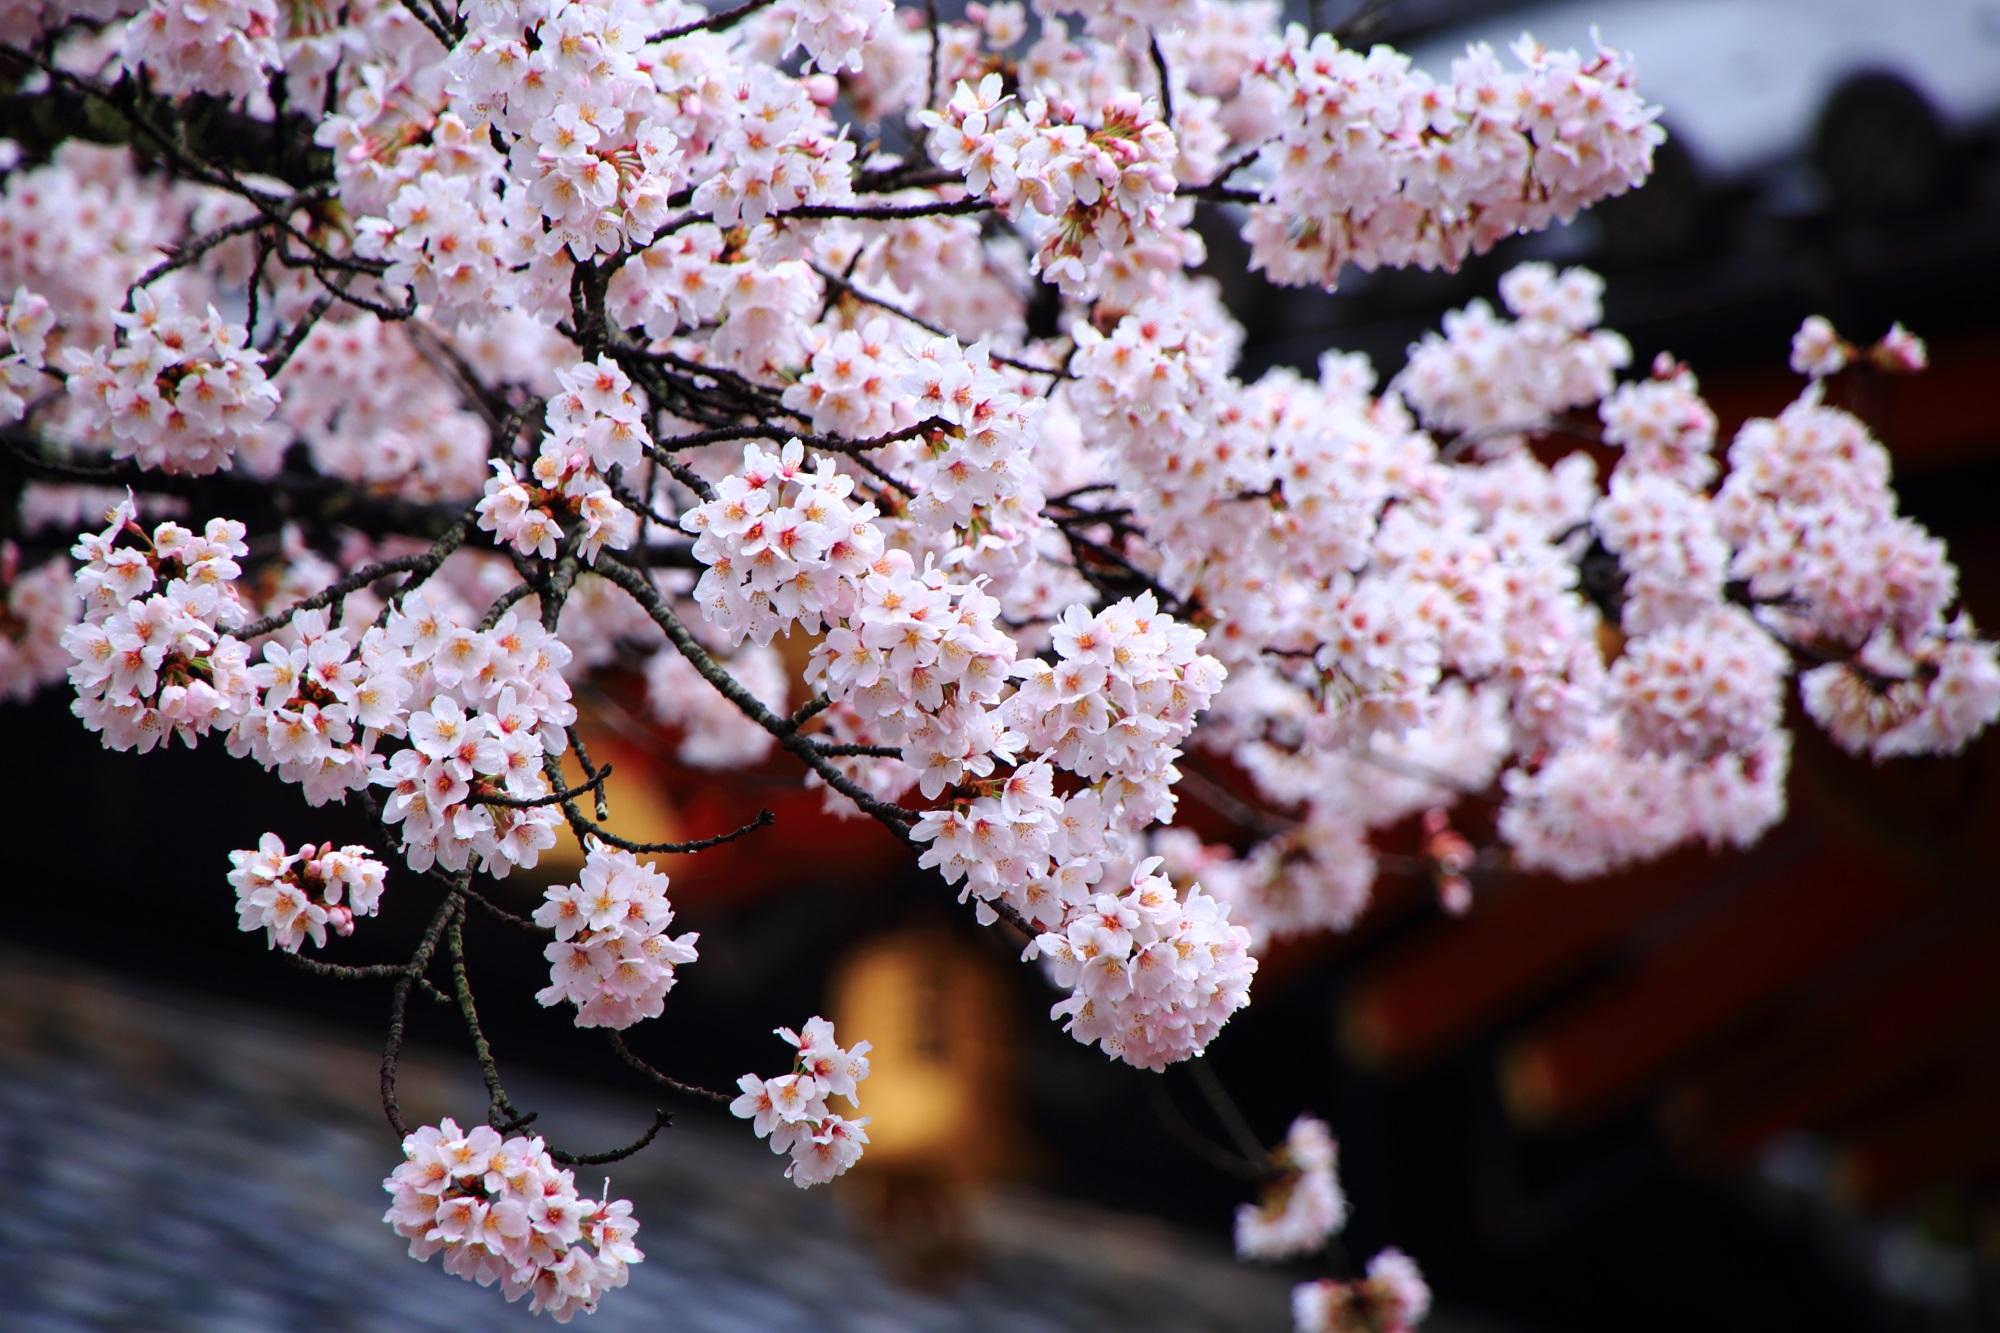 毘沙門堂の弾け飛びそうな桜の花